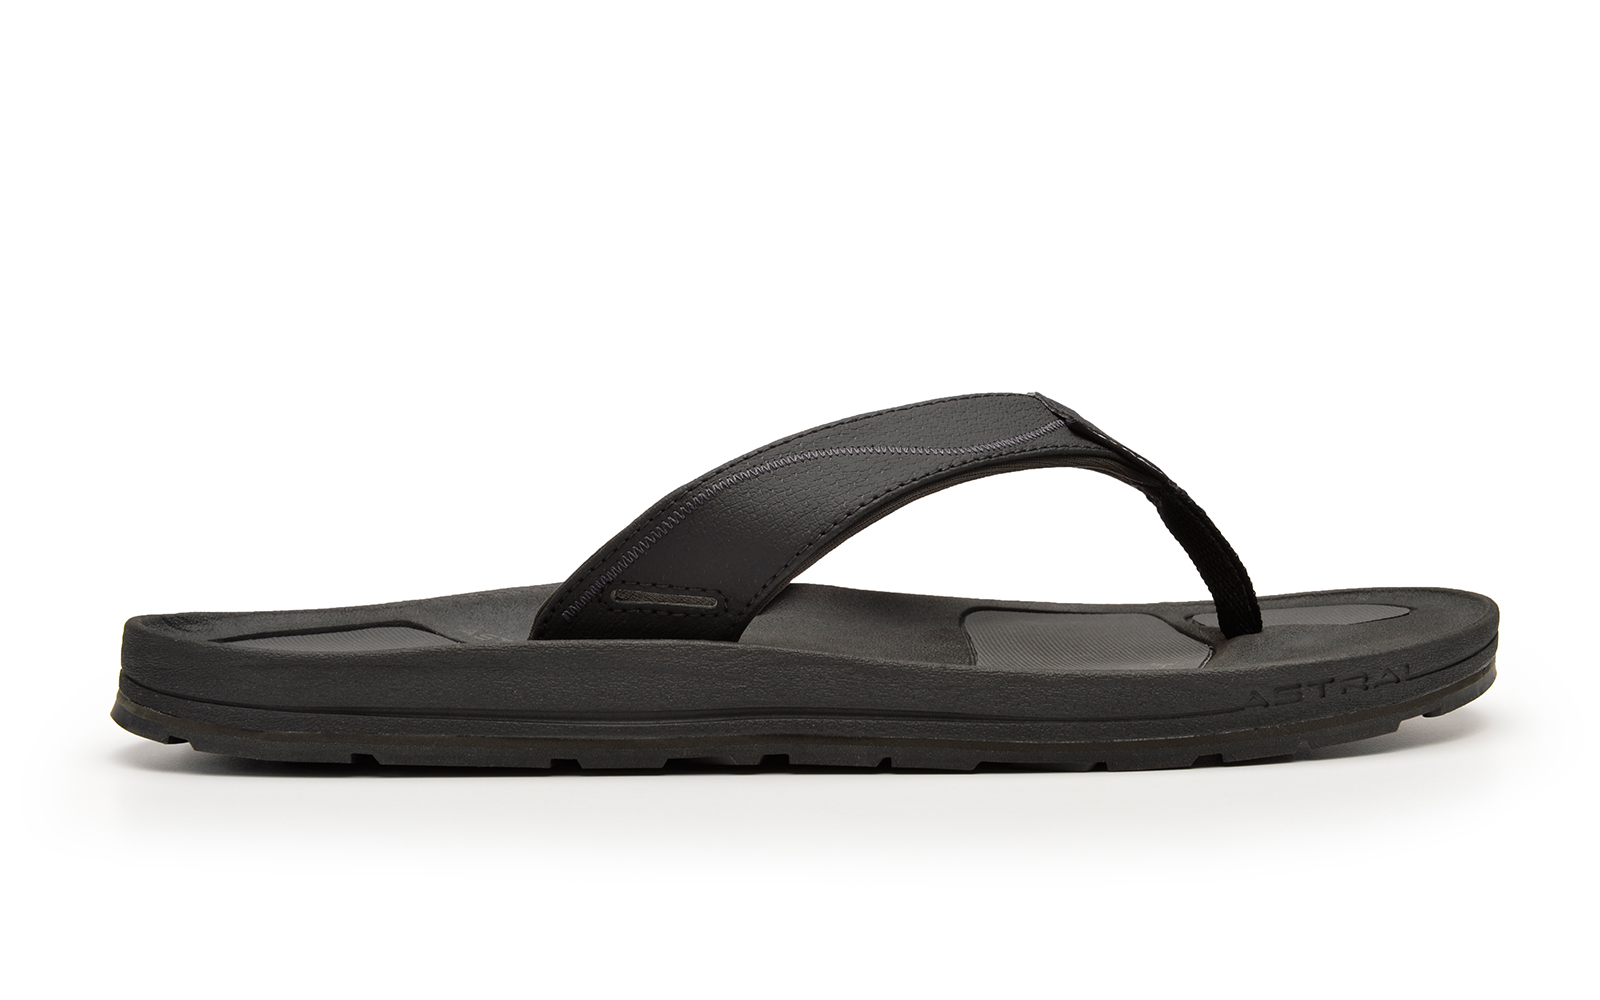 922e8a109 Filipe Men s Water Sandals